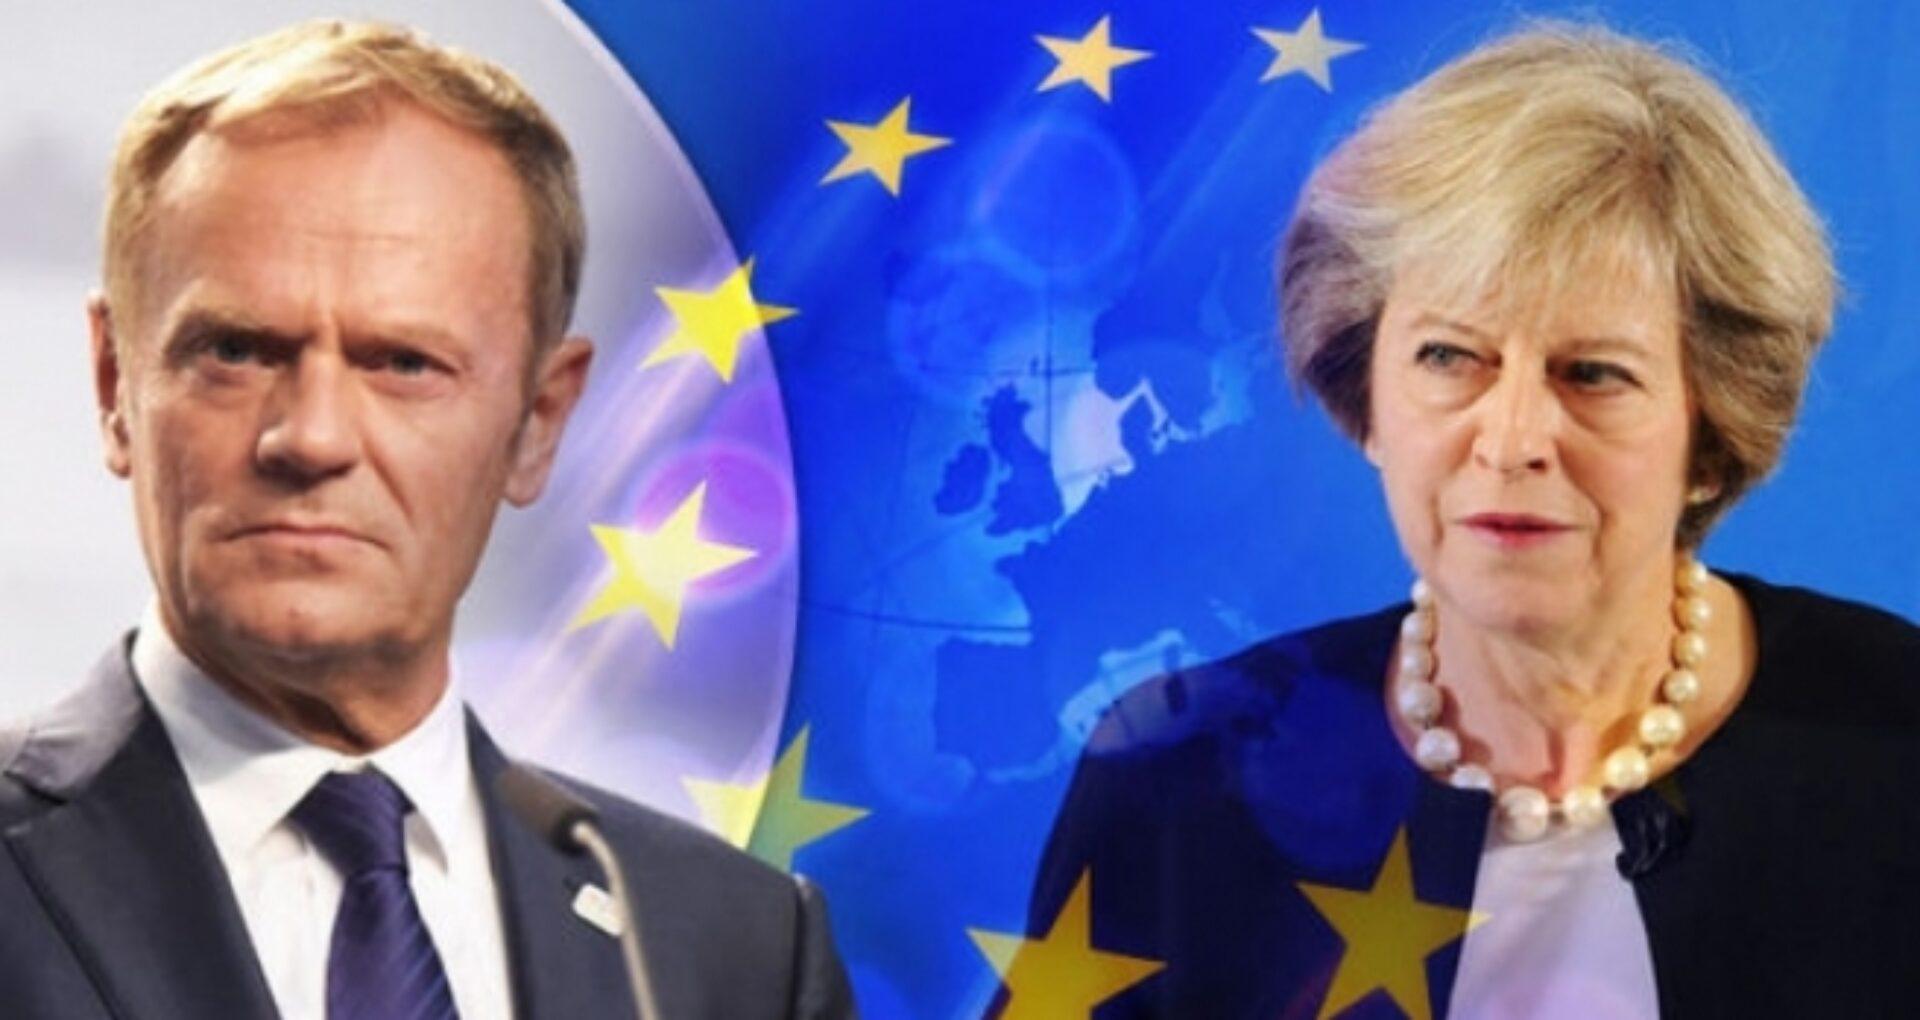 Marea Britanie rămâne cel puțin încă 7 luni în UE. A fost acceptată o nouă amânare a Brexit-ului